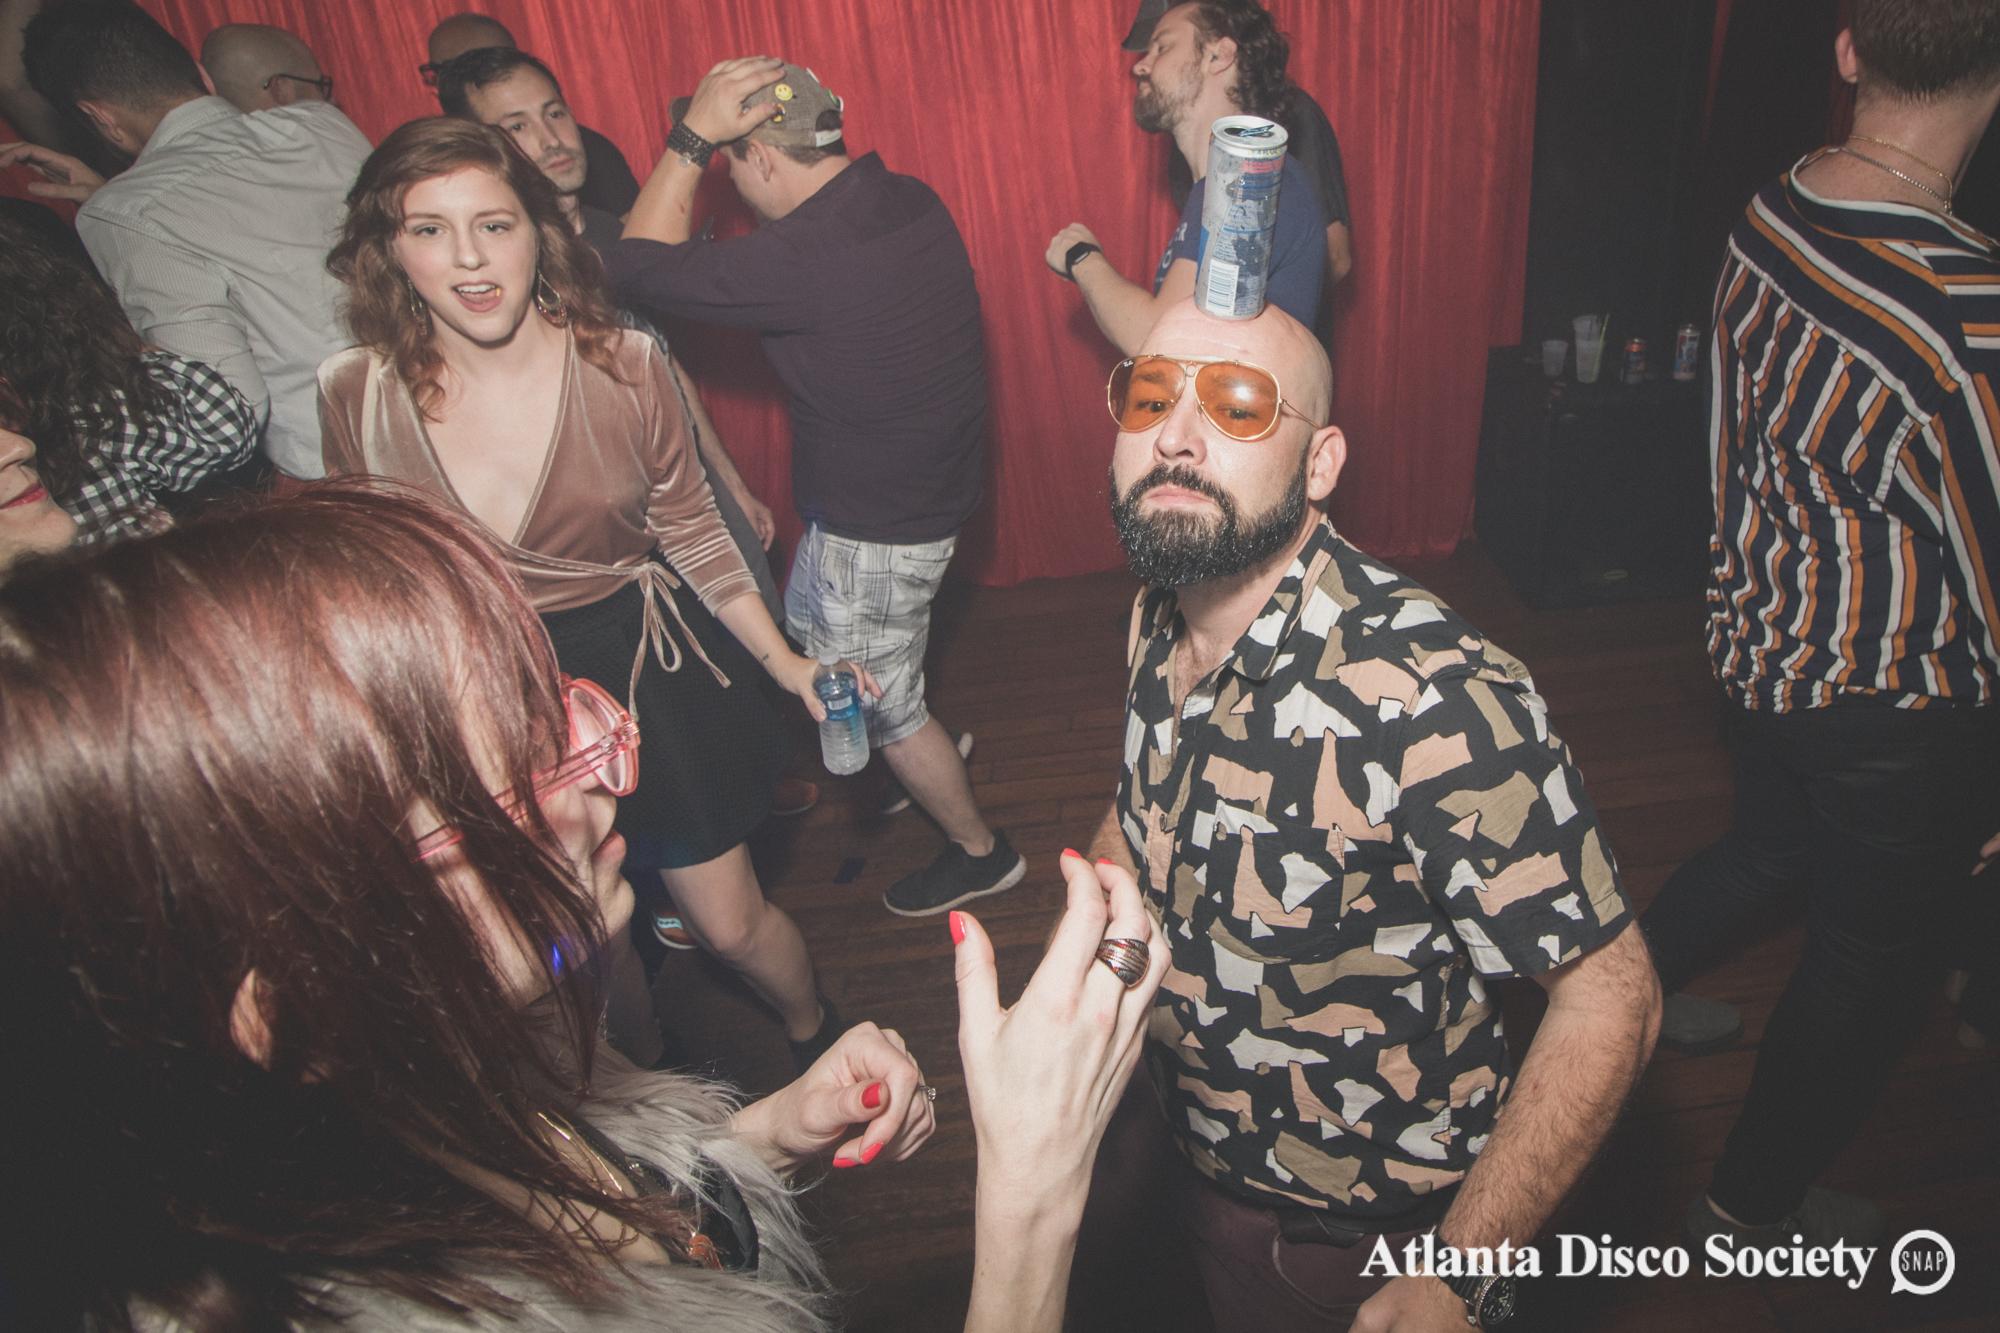 6Atlanta Disco Society Grace Kelly Oh Snap Kid 7.27.19.jpg